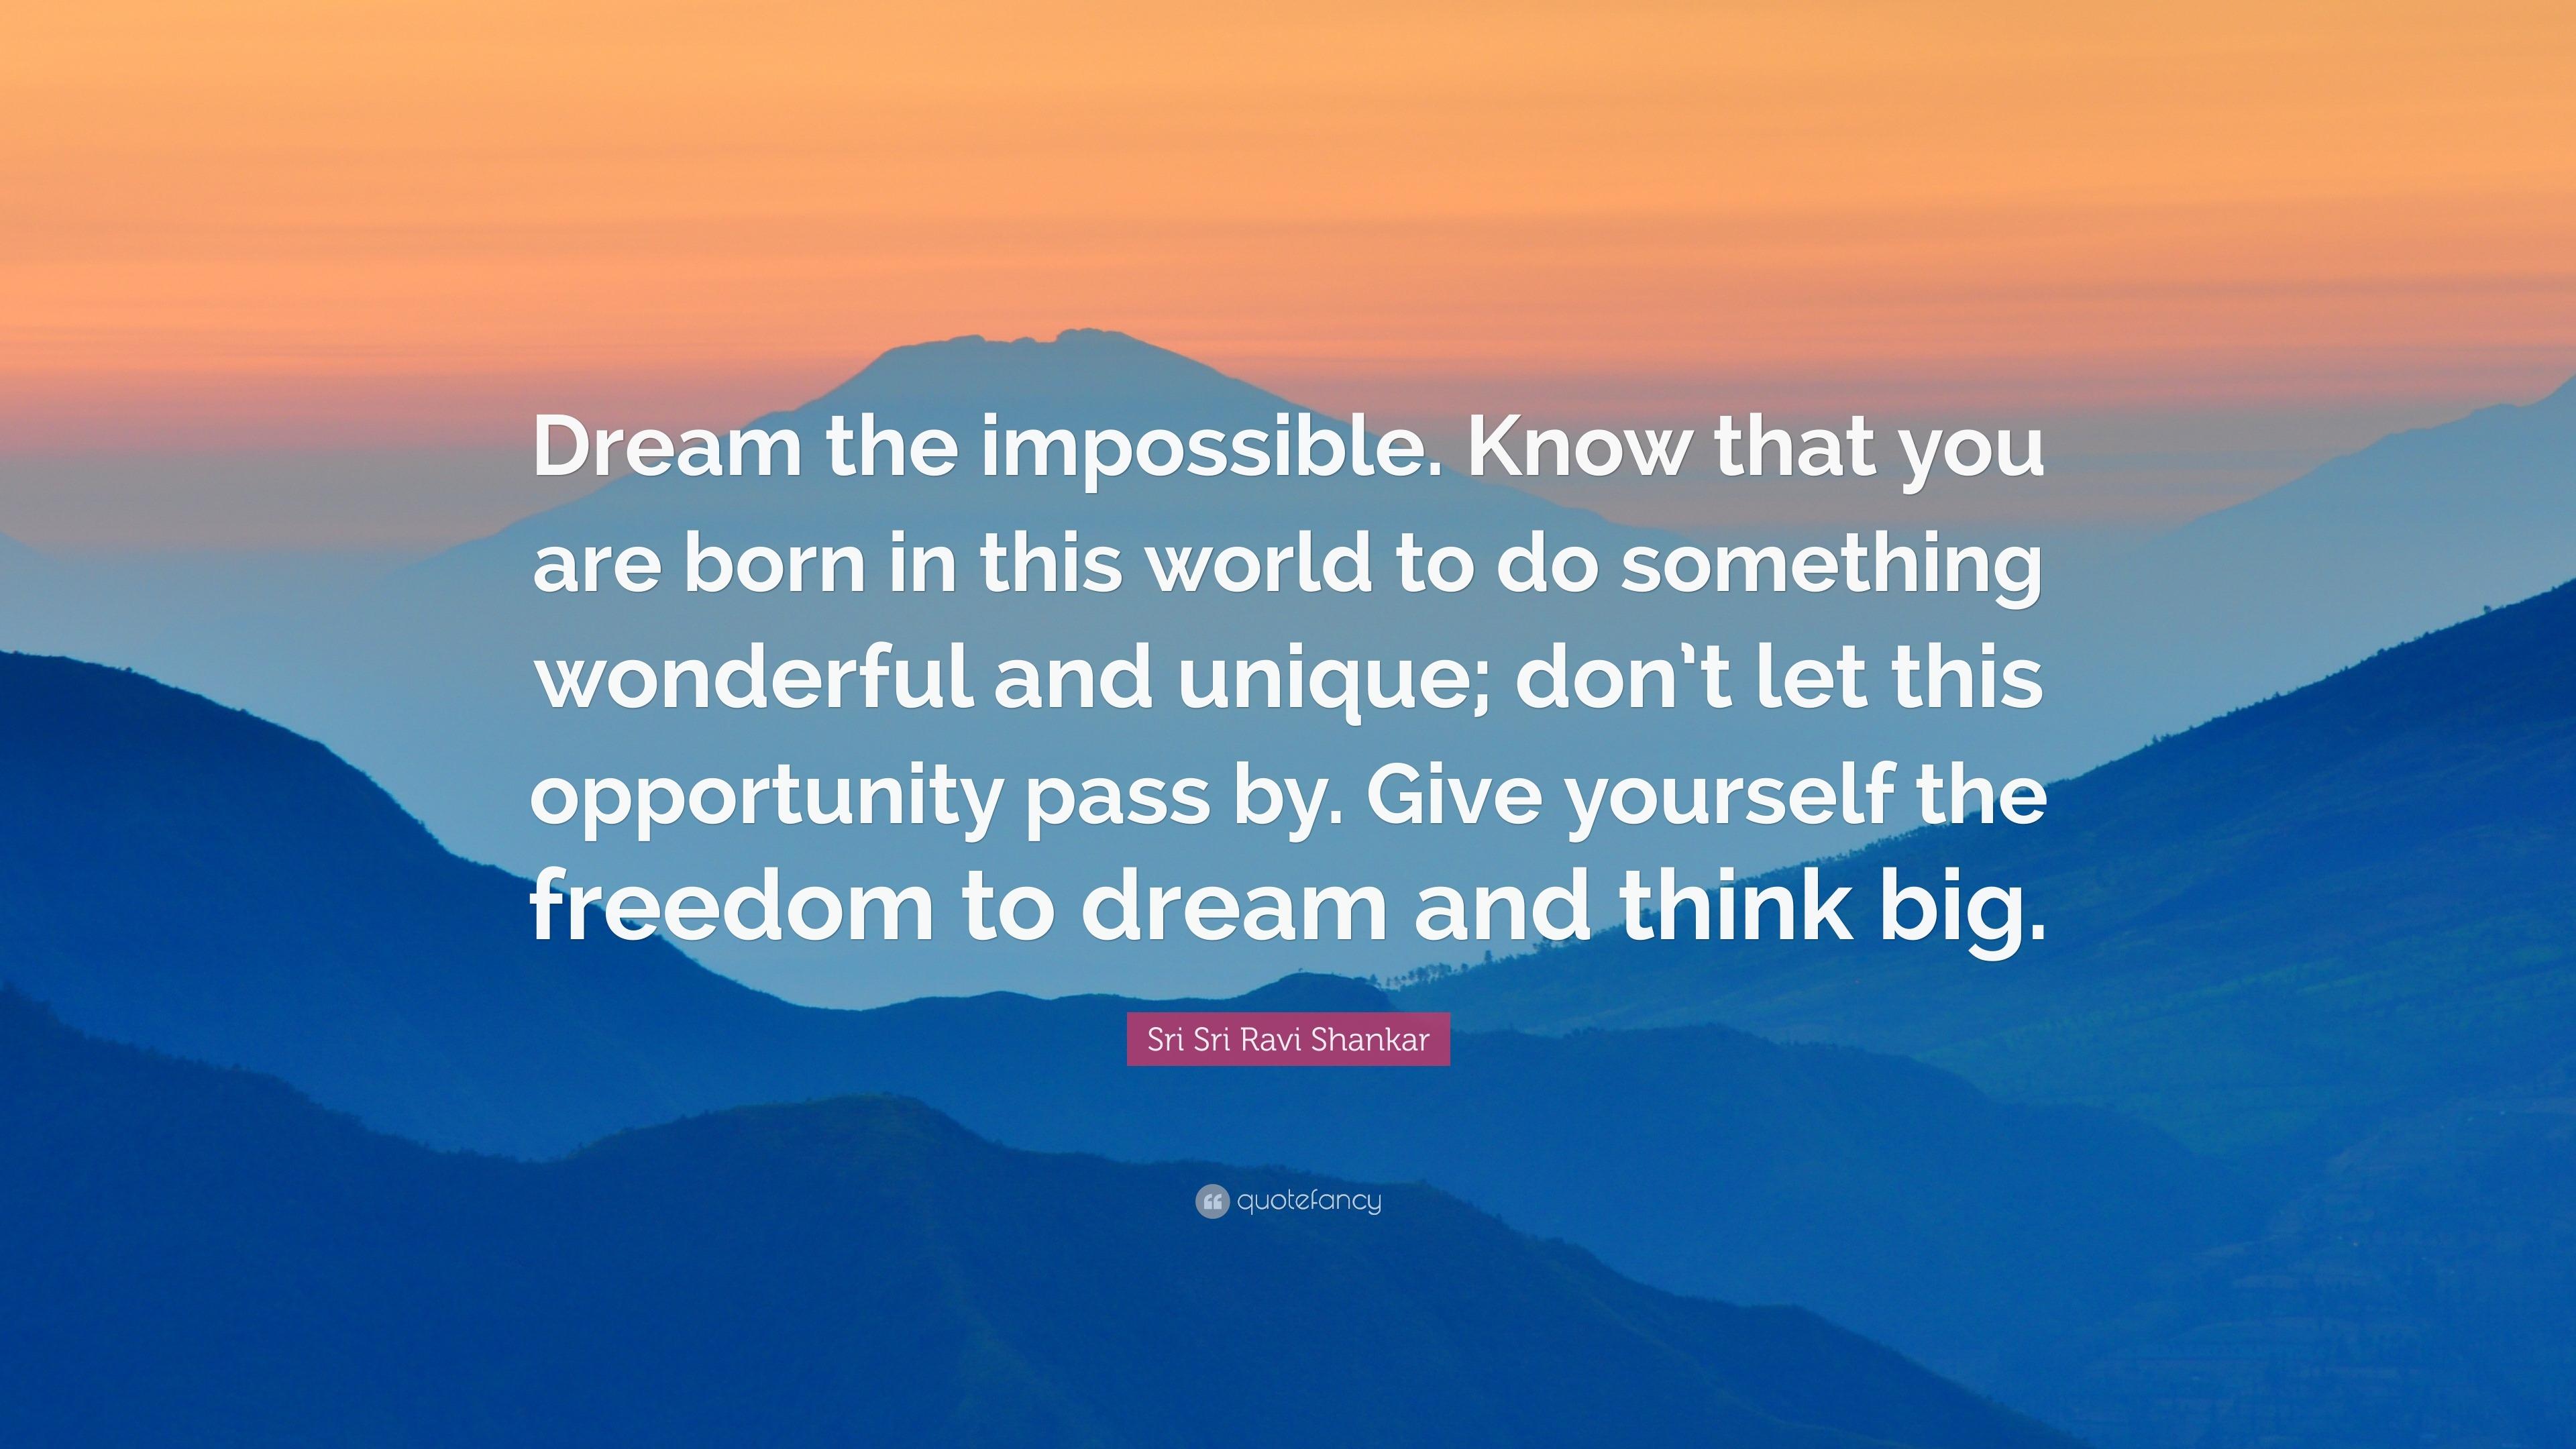 Sri Sri Ravi Shankar Quote Dream The Impossible Know That You Are